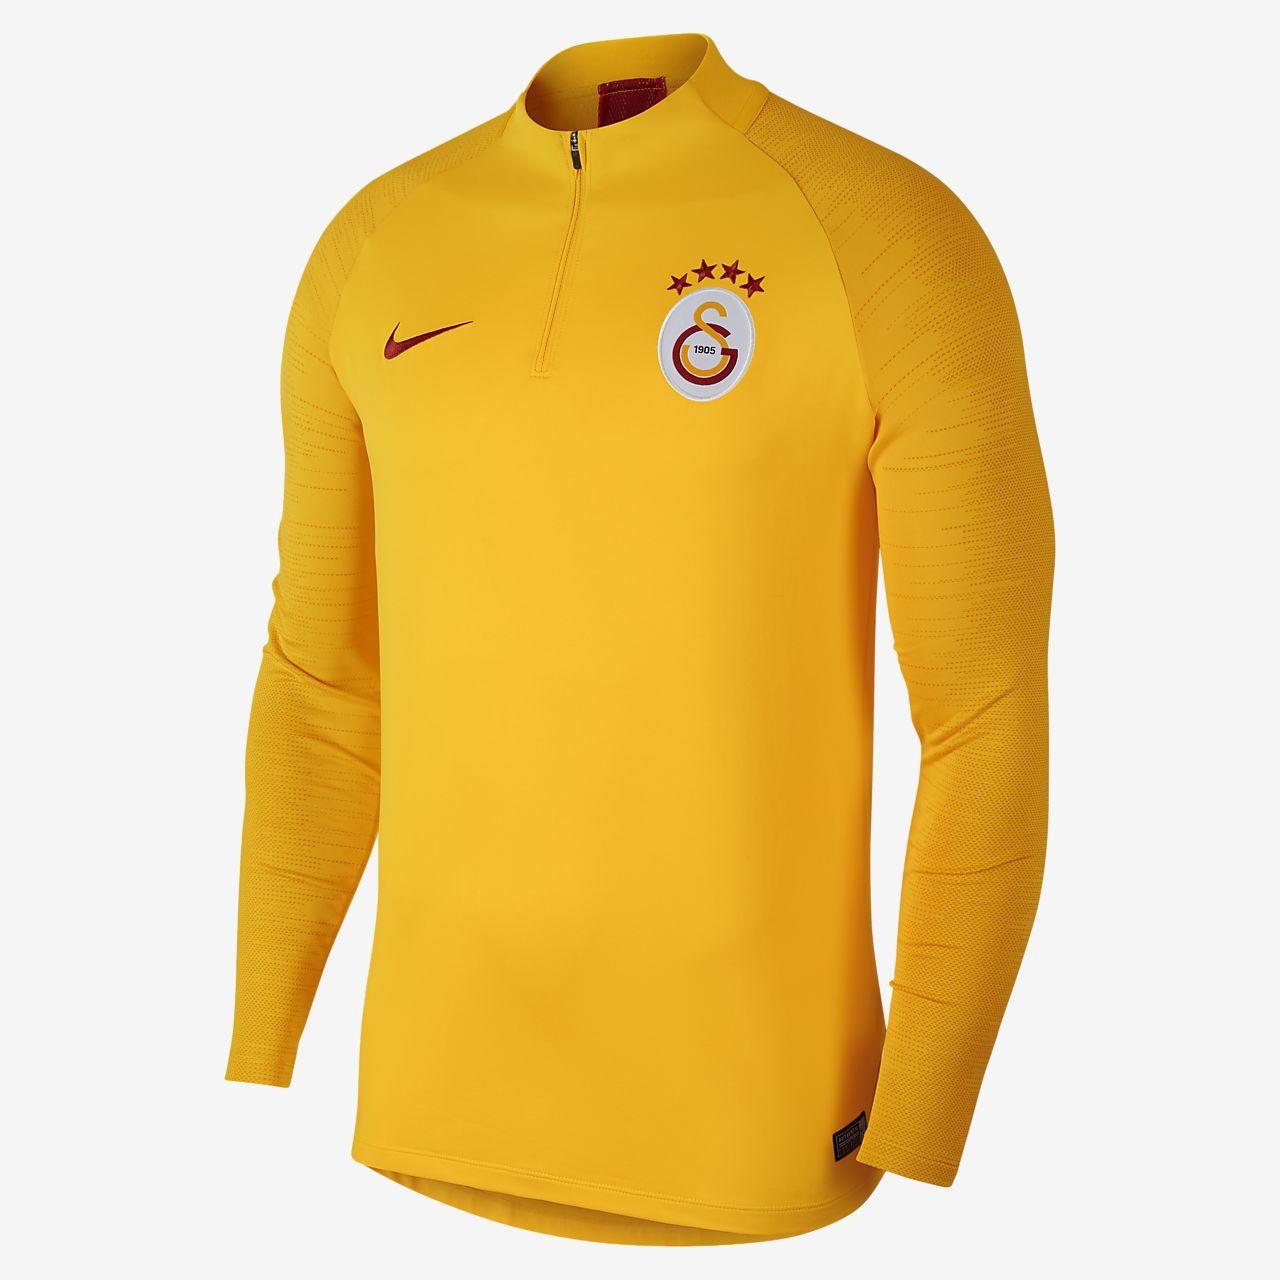 Maglia da calcio per allenamento Nike Dri-FIT Galatasaray Strike - Uomo